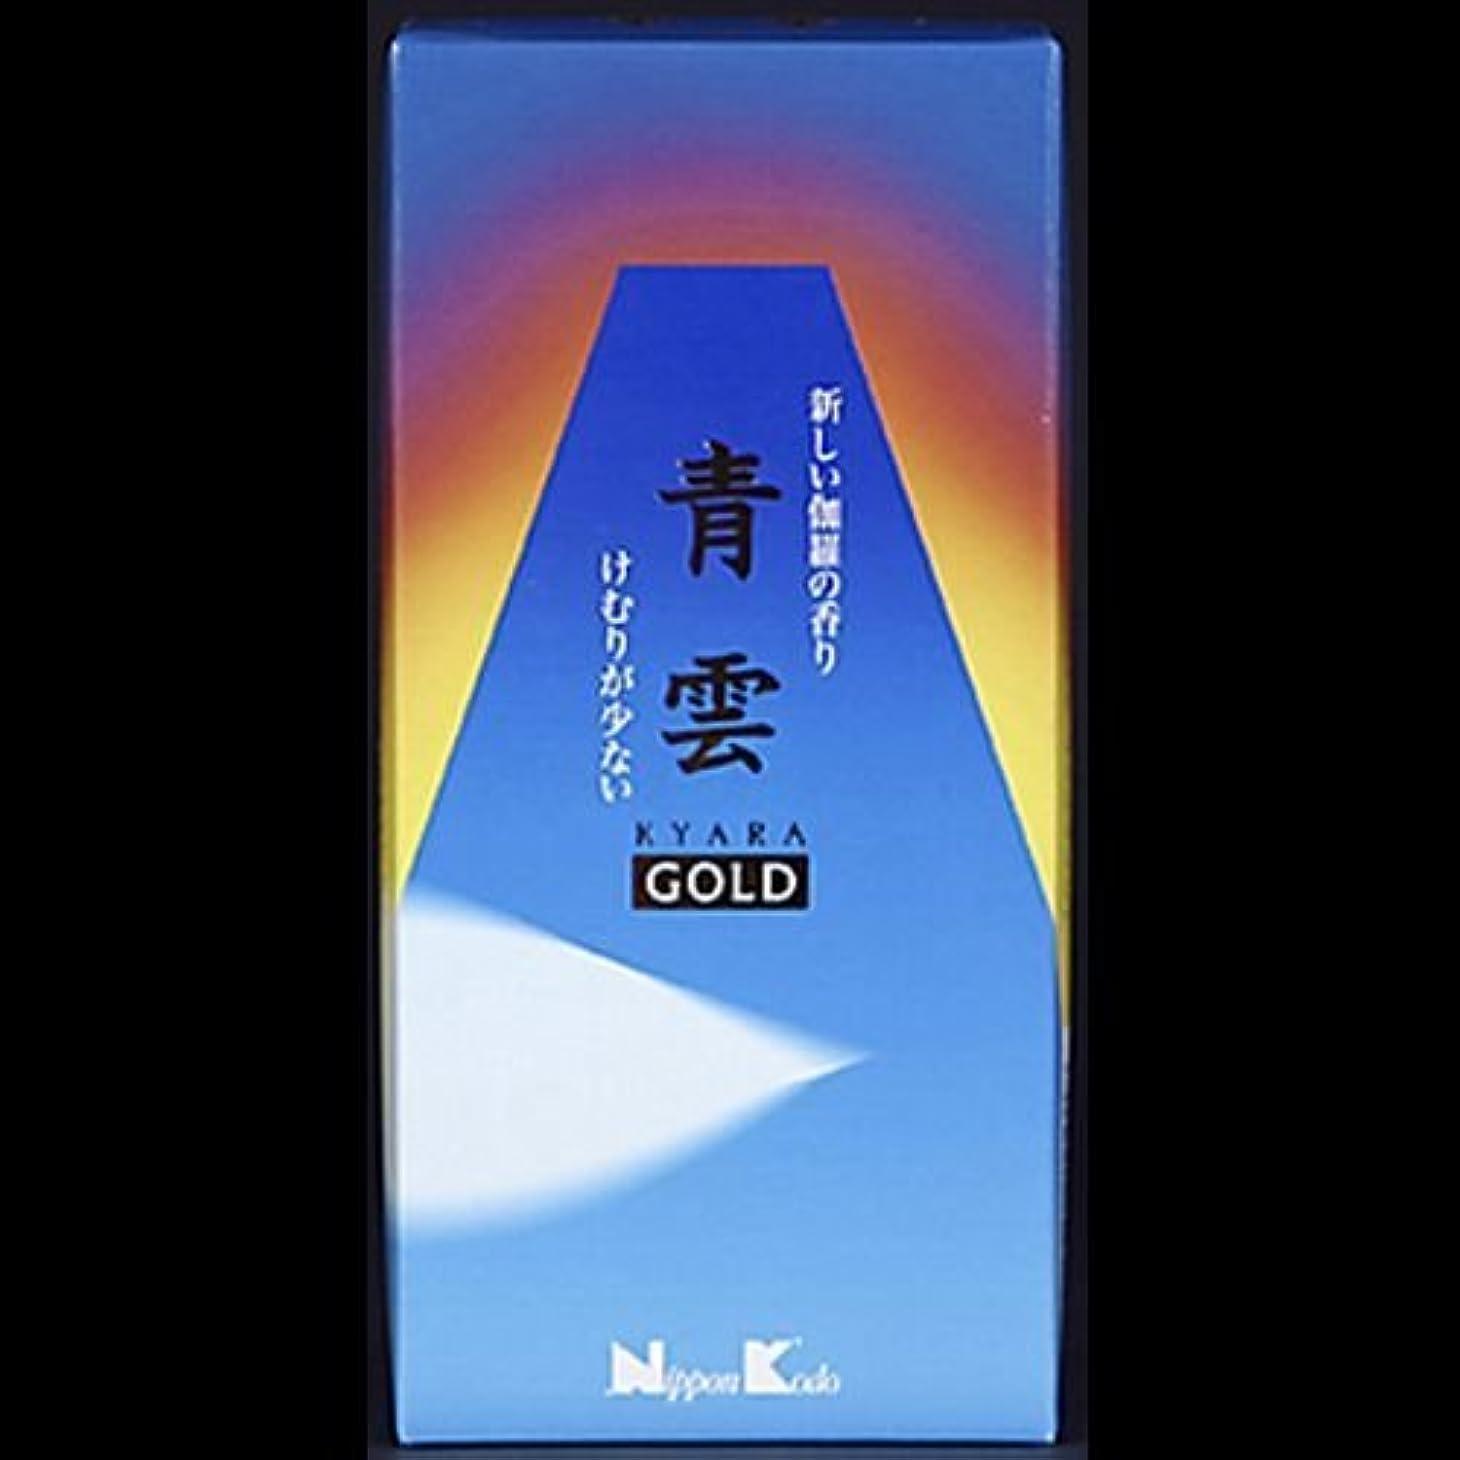 暗黙逆マットレス【まとめ買い】青雲ゴールドバラ詰め ×2セット